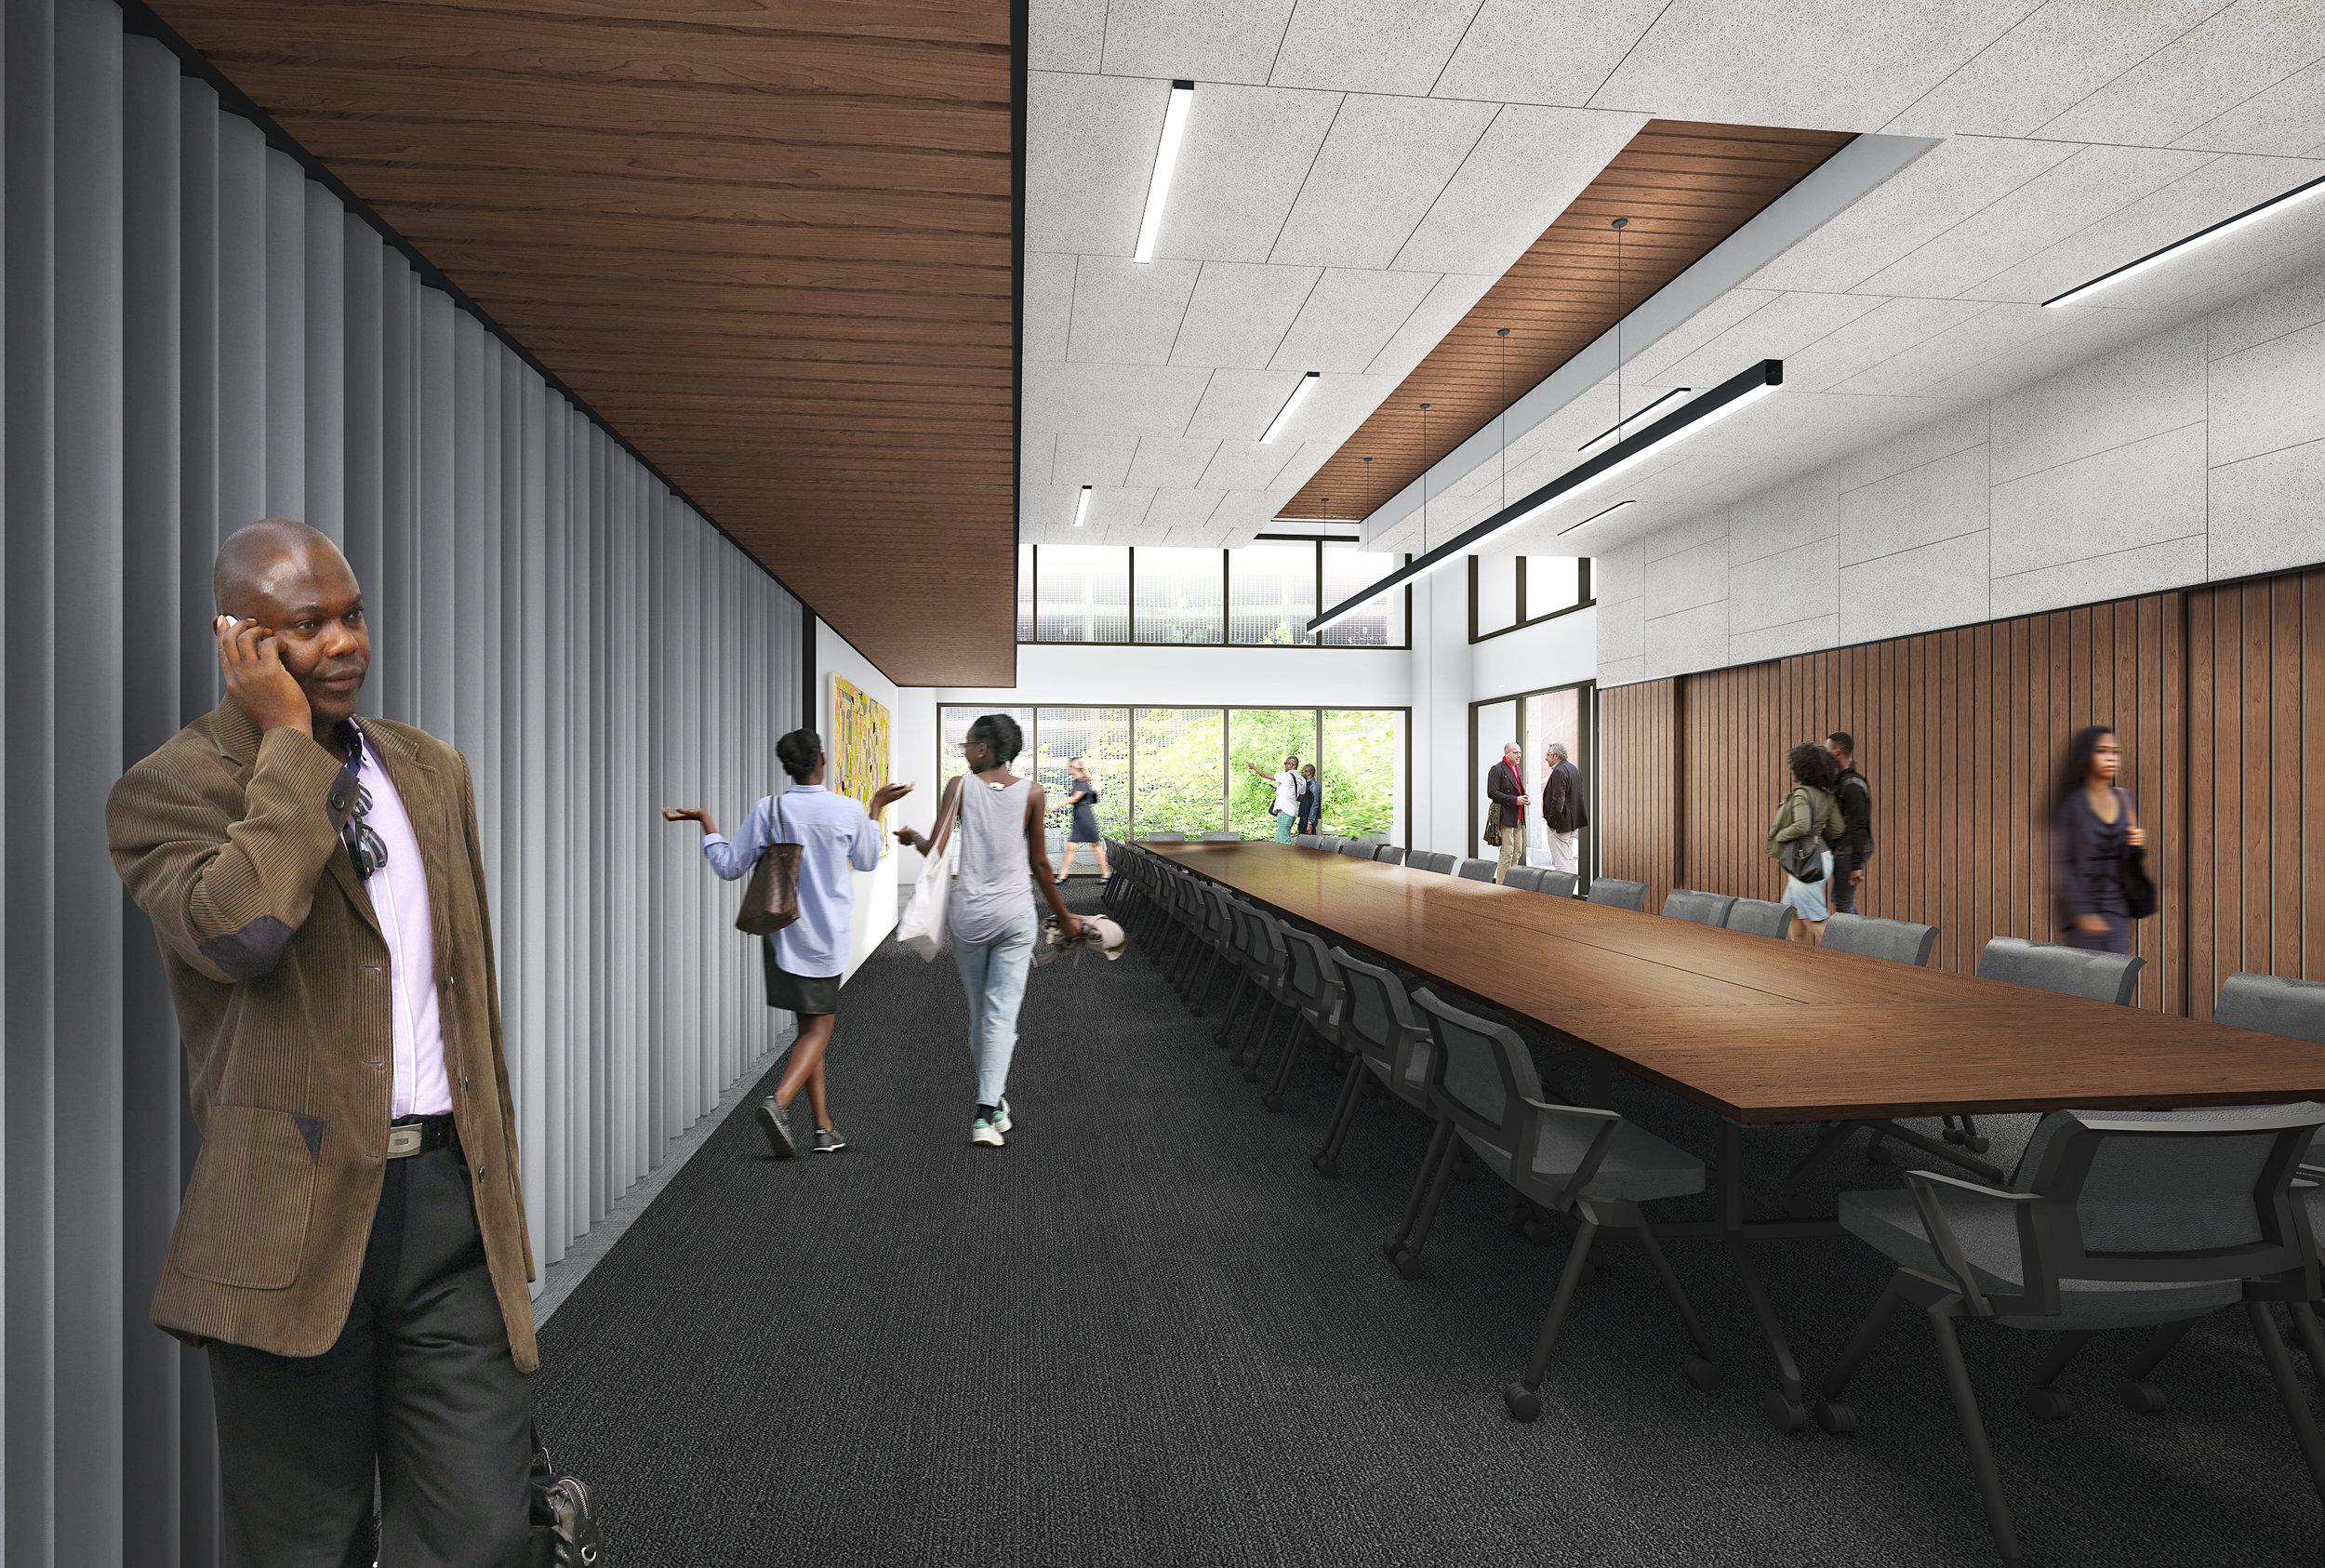 Innovation center-Boardroom setup.jpg